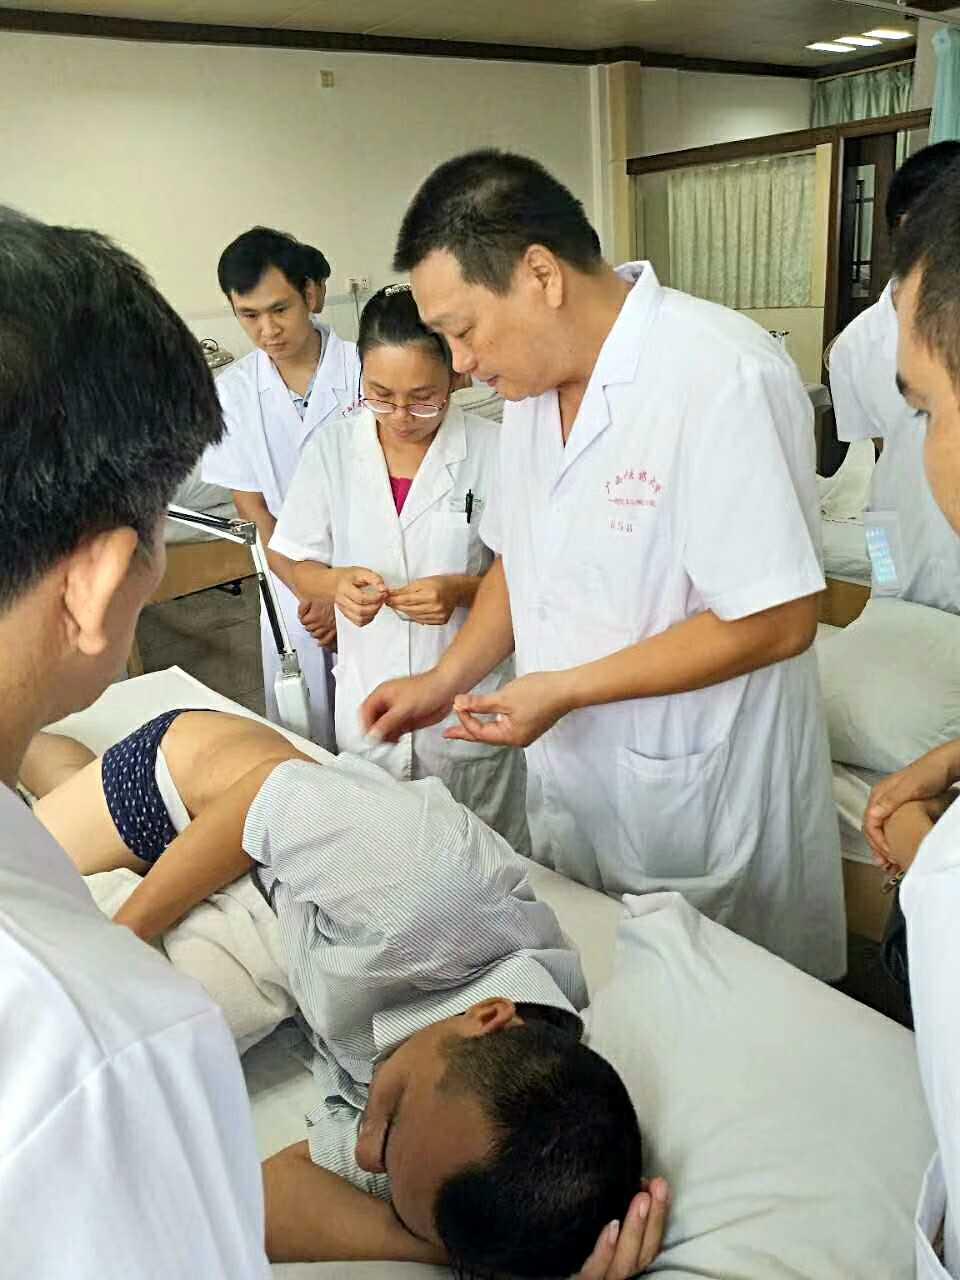 防城港中医针灸培训,名牌老校,正规针灸推拿培训班招生